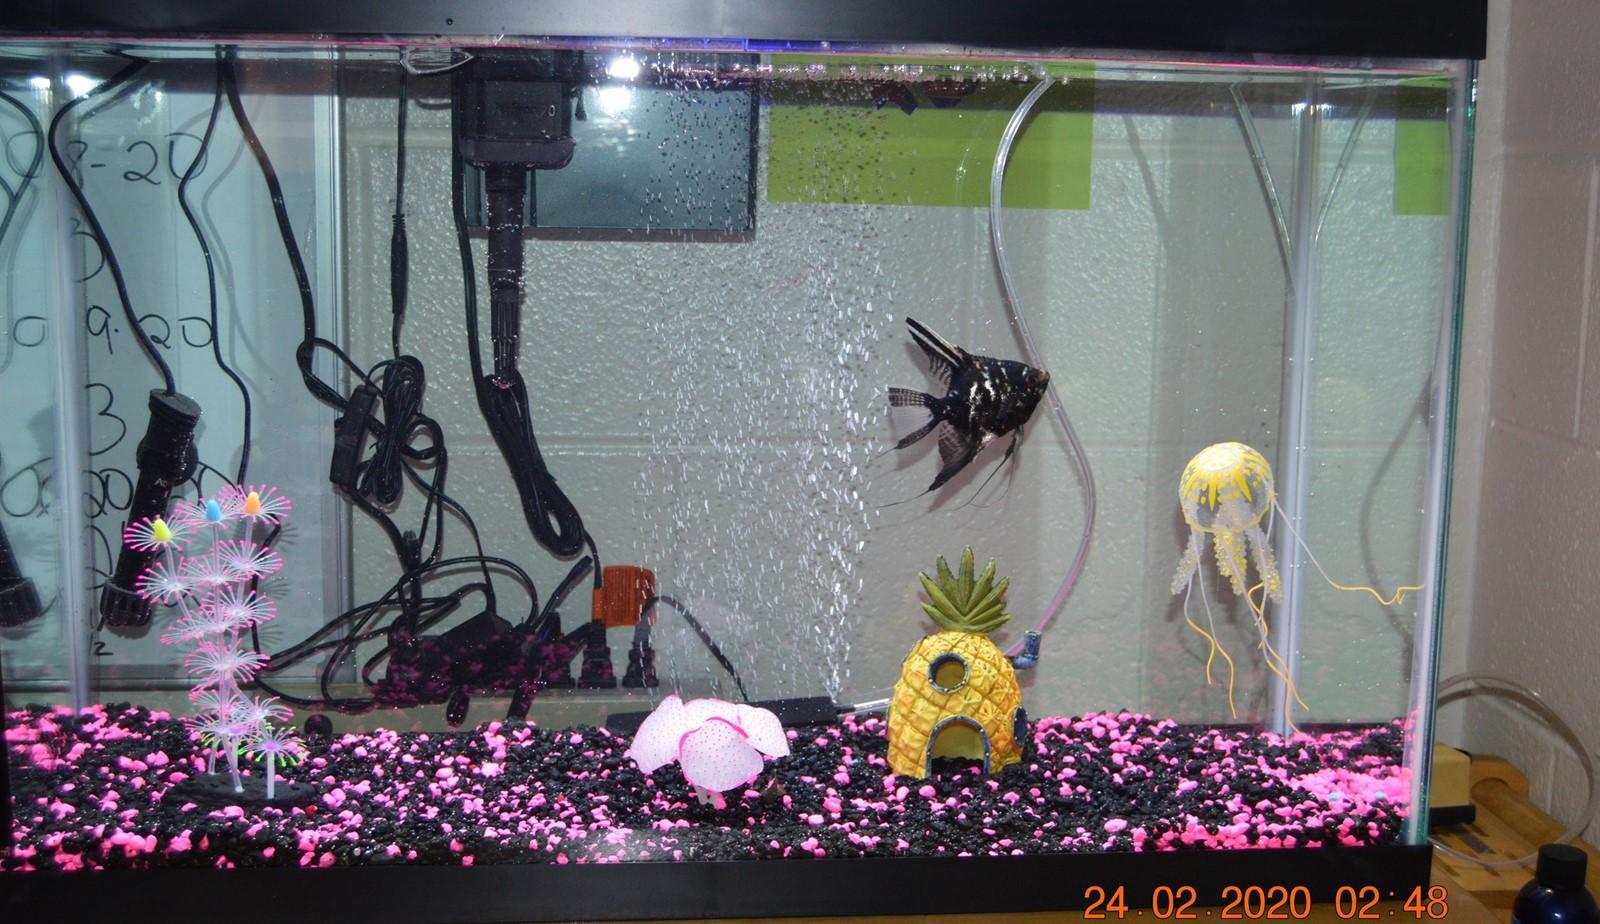 Fish tank in ERC